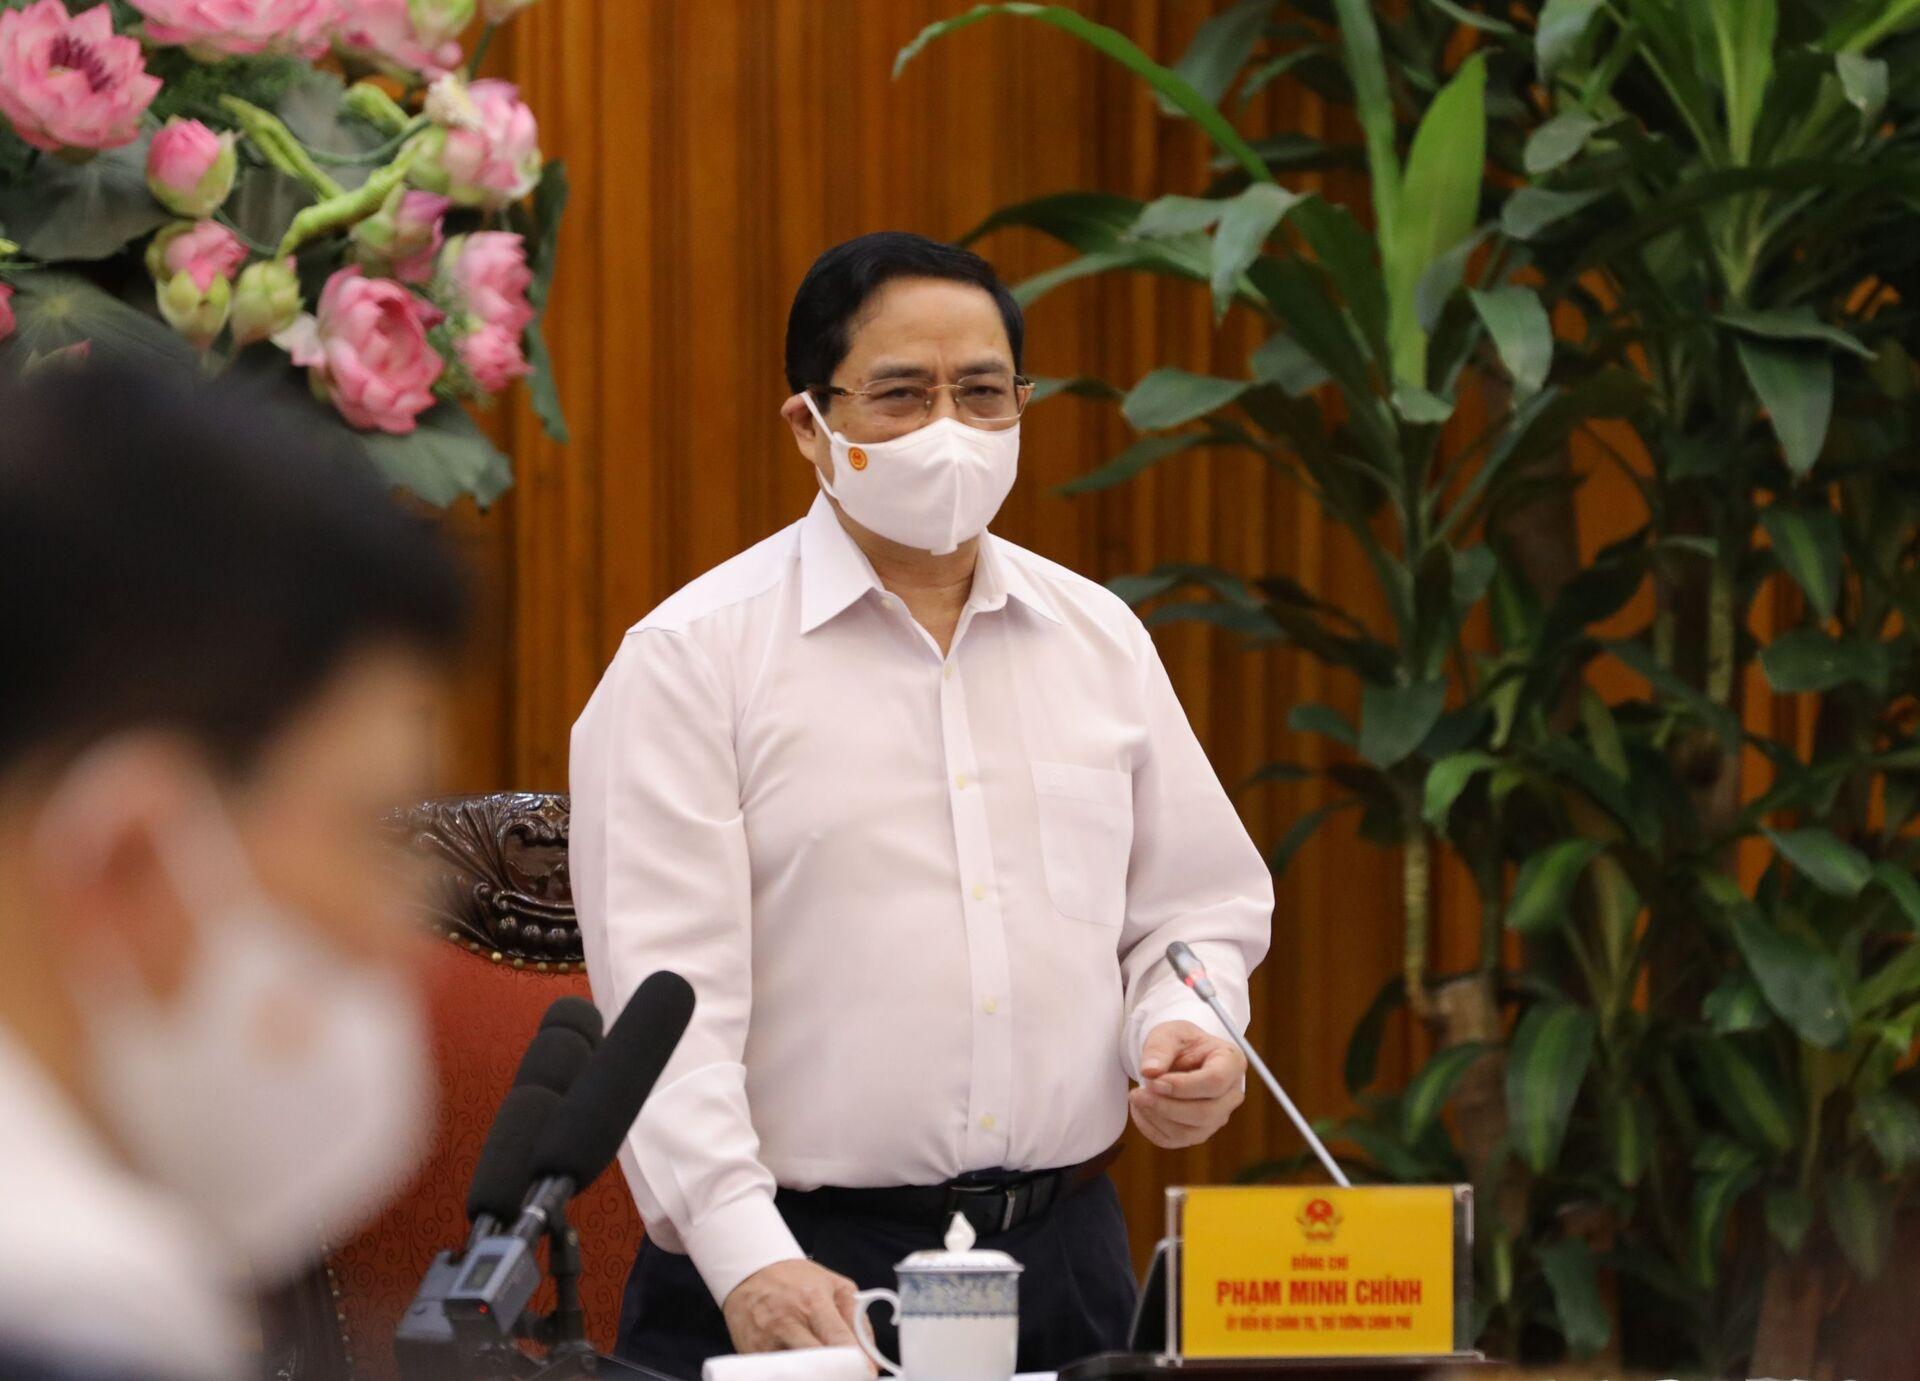 Nguyên nhân lớn nhất gây tái bùng dịch Covid-19 ở Việt Nam - Sputnik Việt Nam, 1920, 30.04.2021